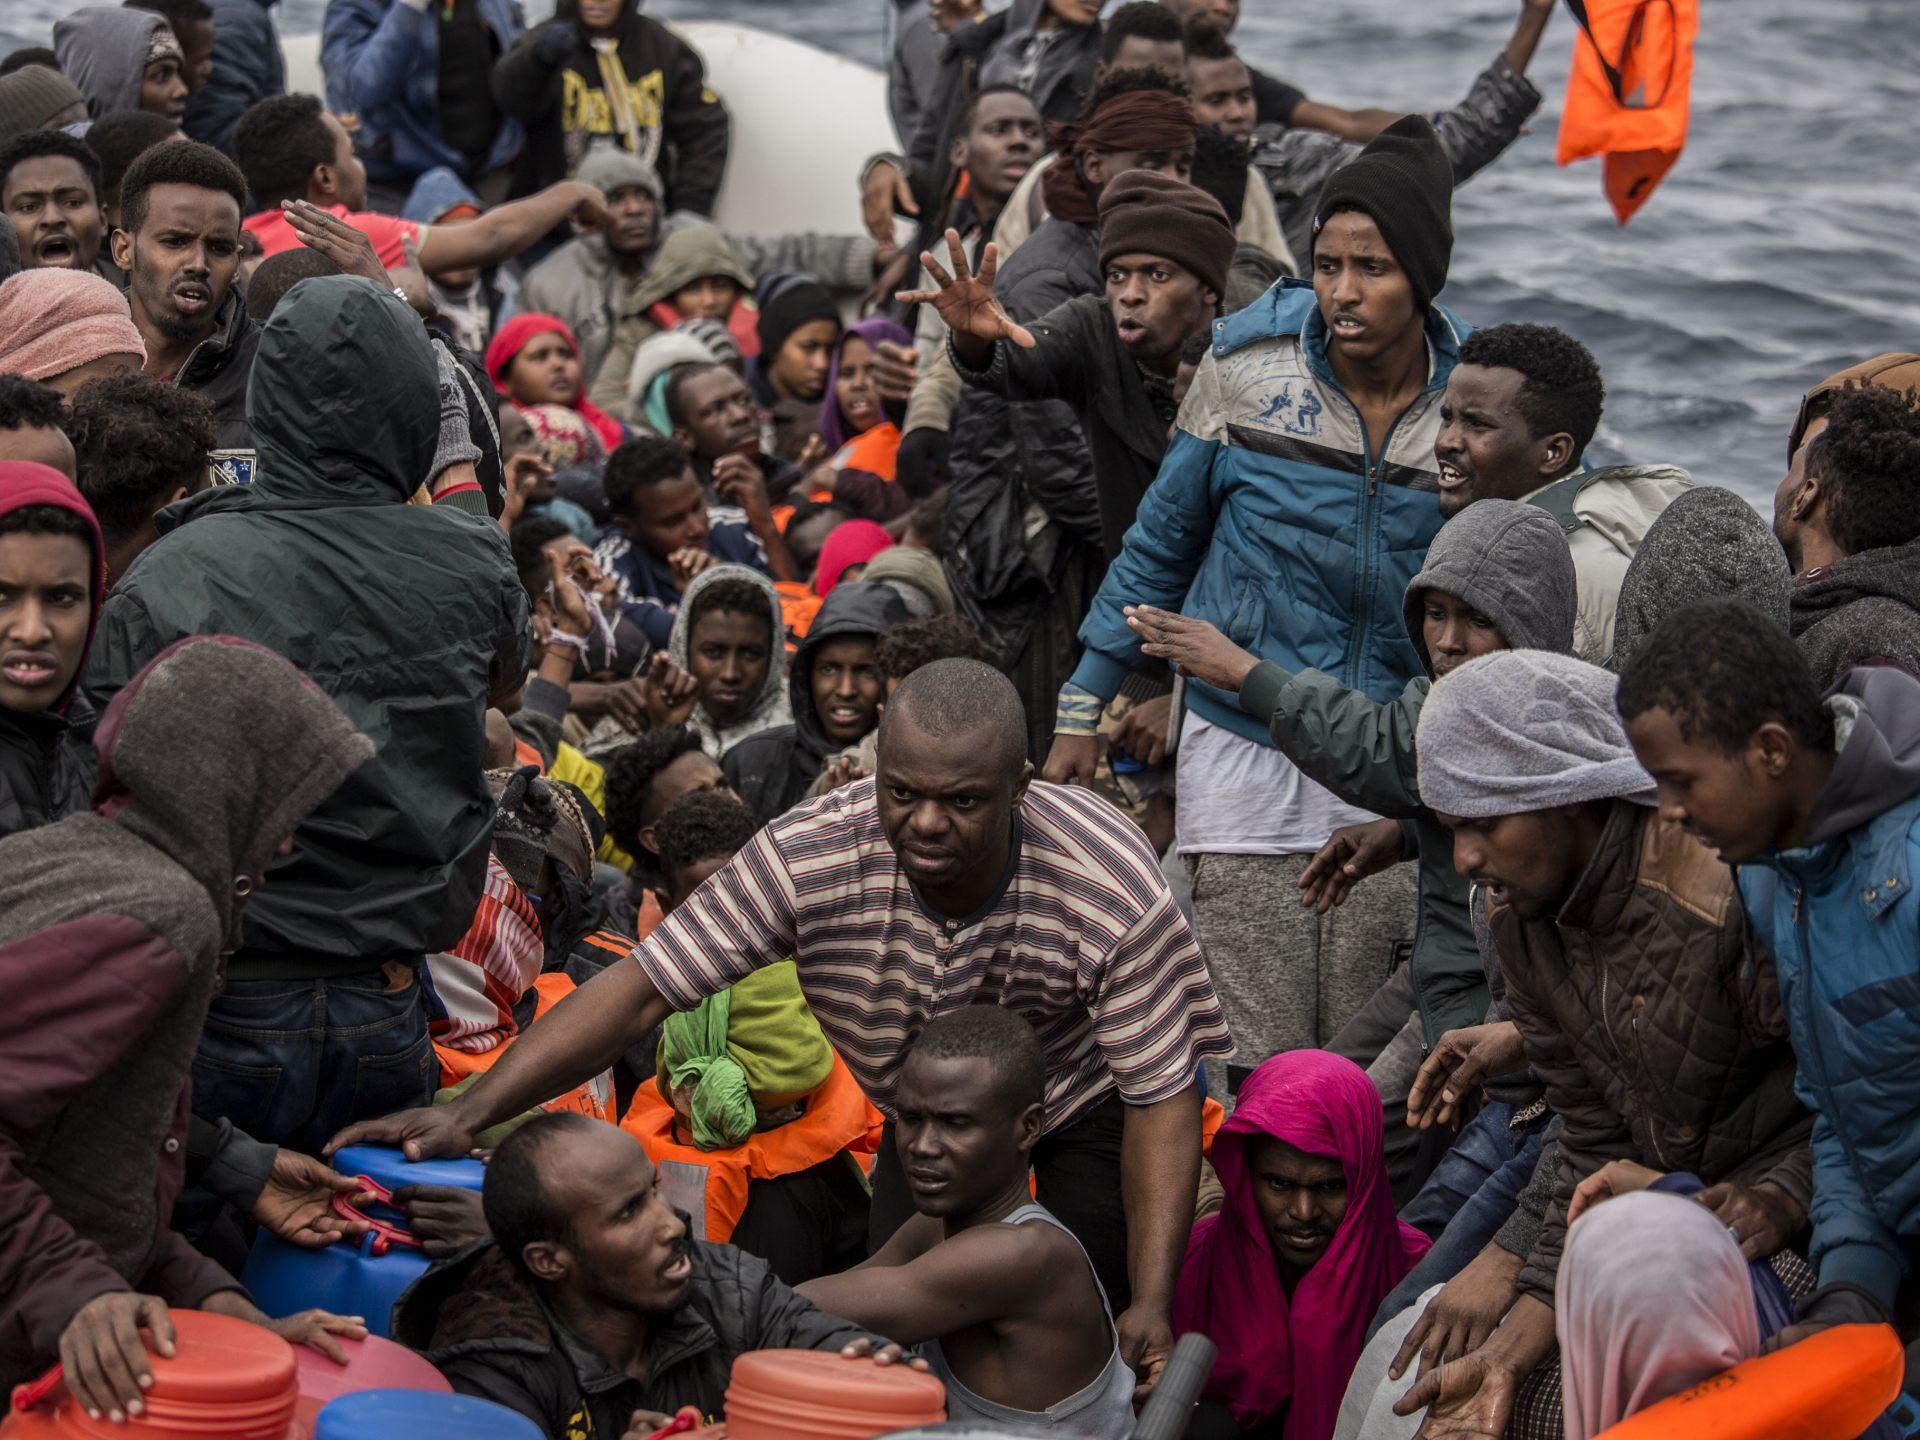 15 мигрантов, спасённые Open Arms, прибыли в Испанию